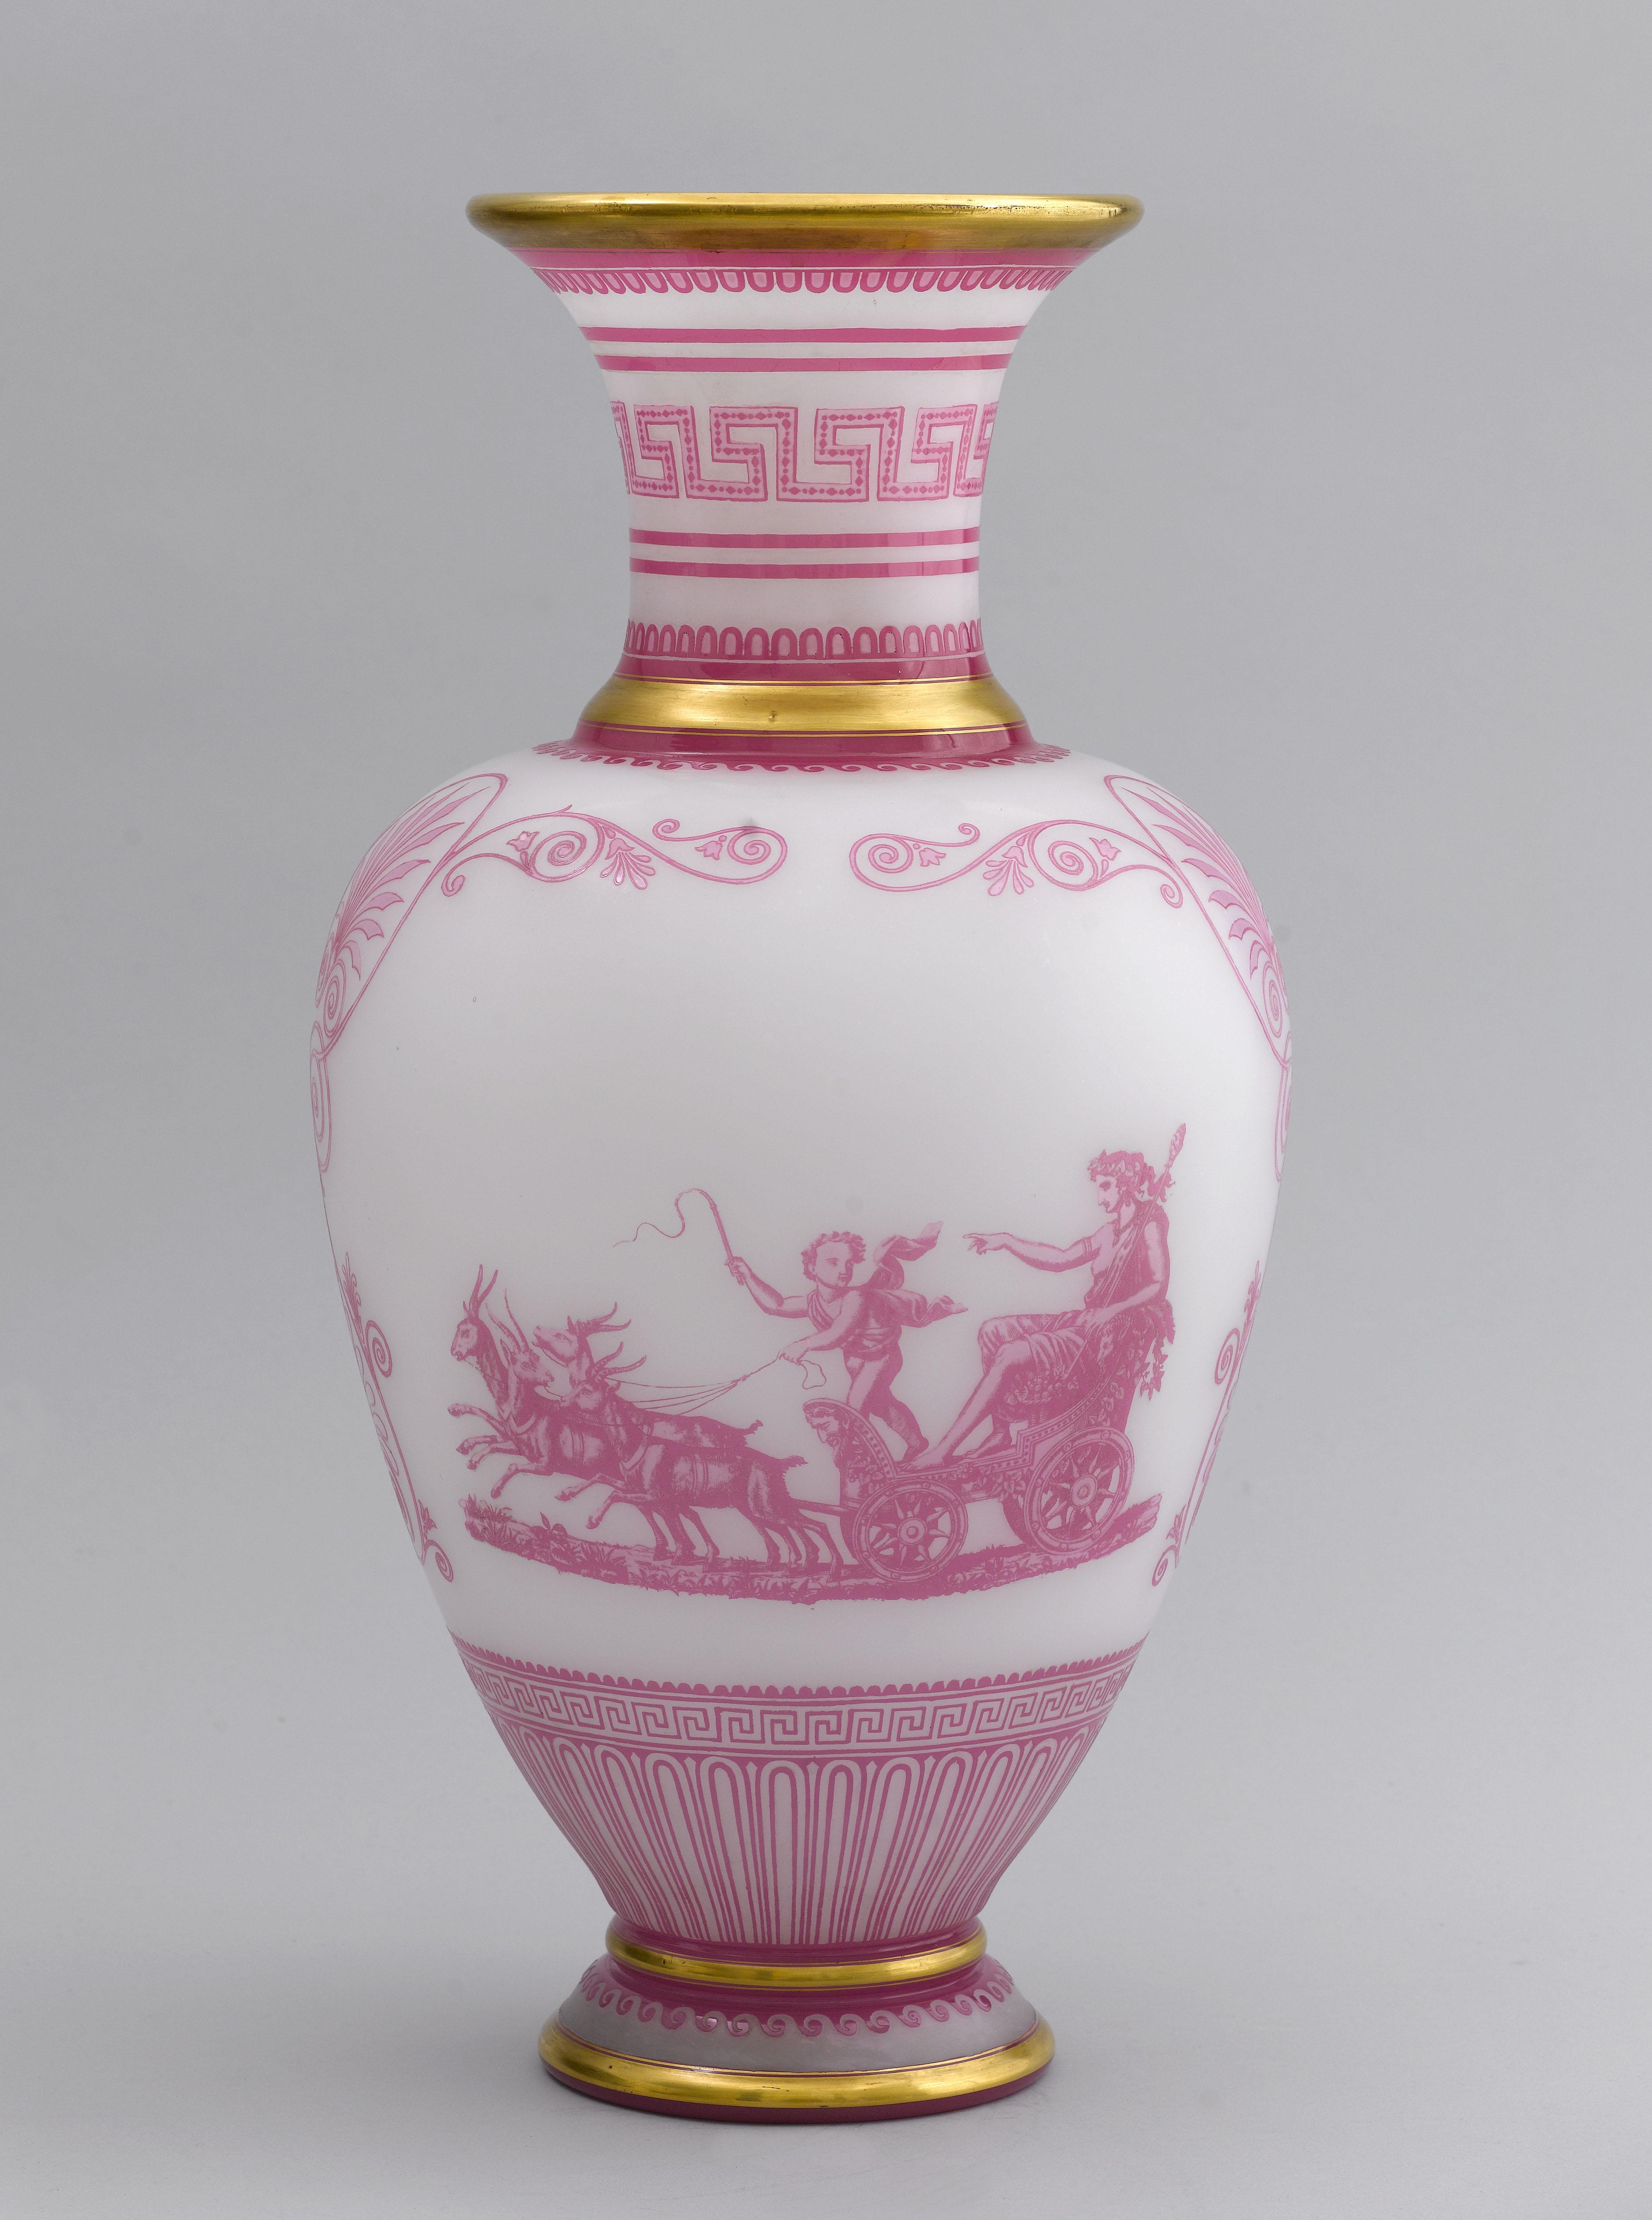 Baccarat Crystal - Greek revival vase